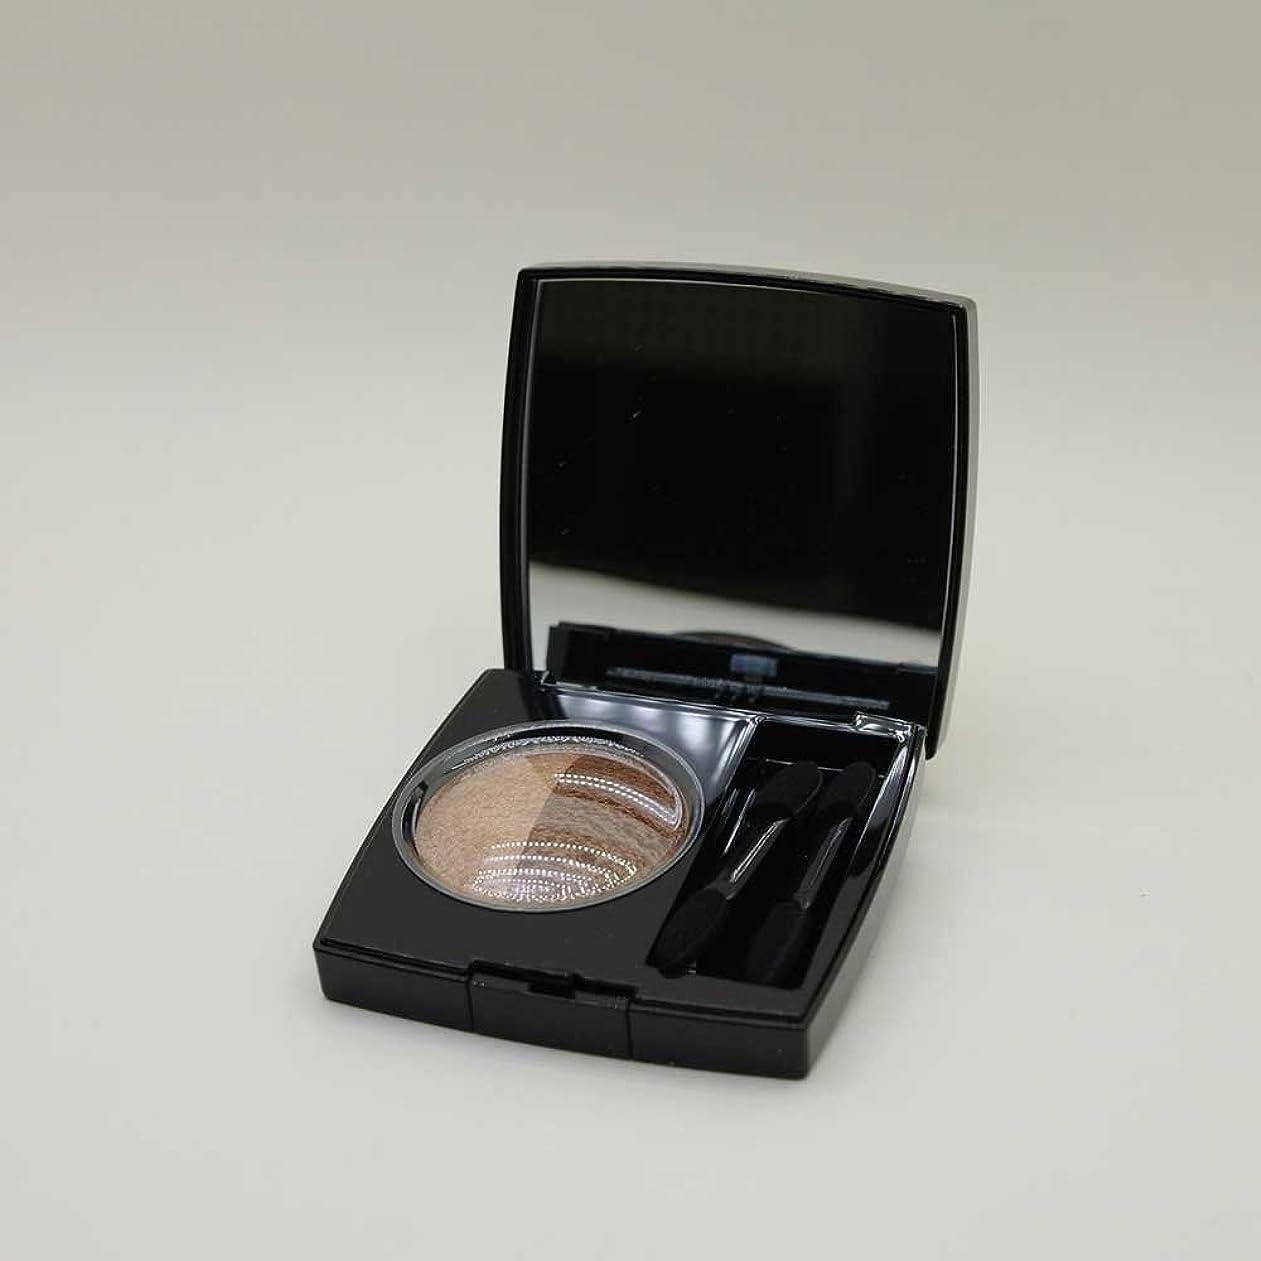 小売確執請う[OHUI]Real Color 2 Eye Shadow No.24 Toast Brown with 10pcs Ohui testers/オフィ リアル カラー2 アイシャドウ[並行輸入品]